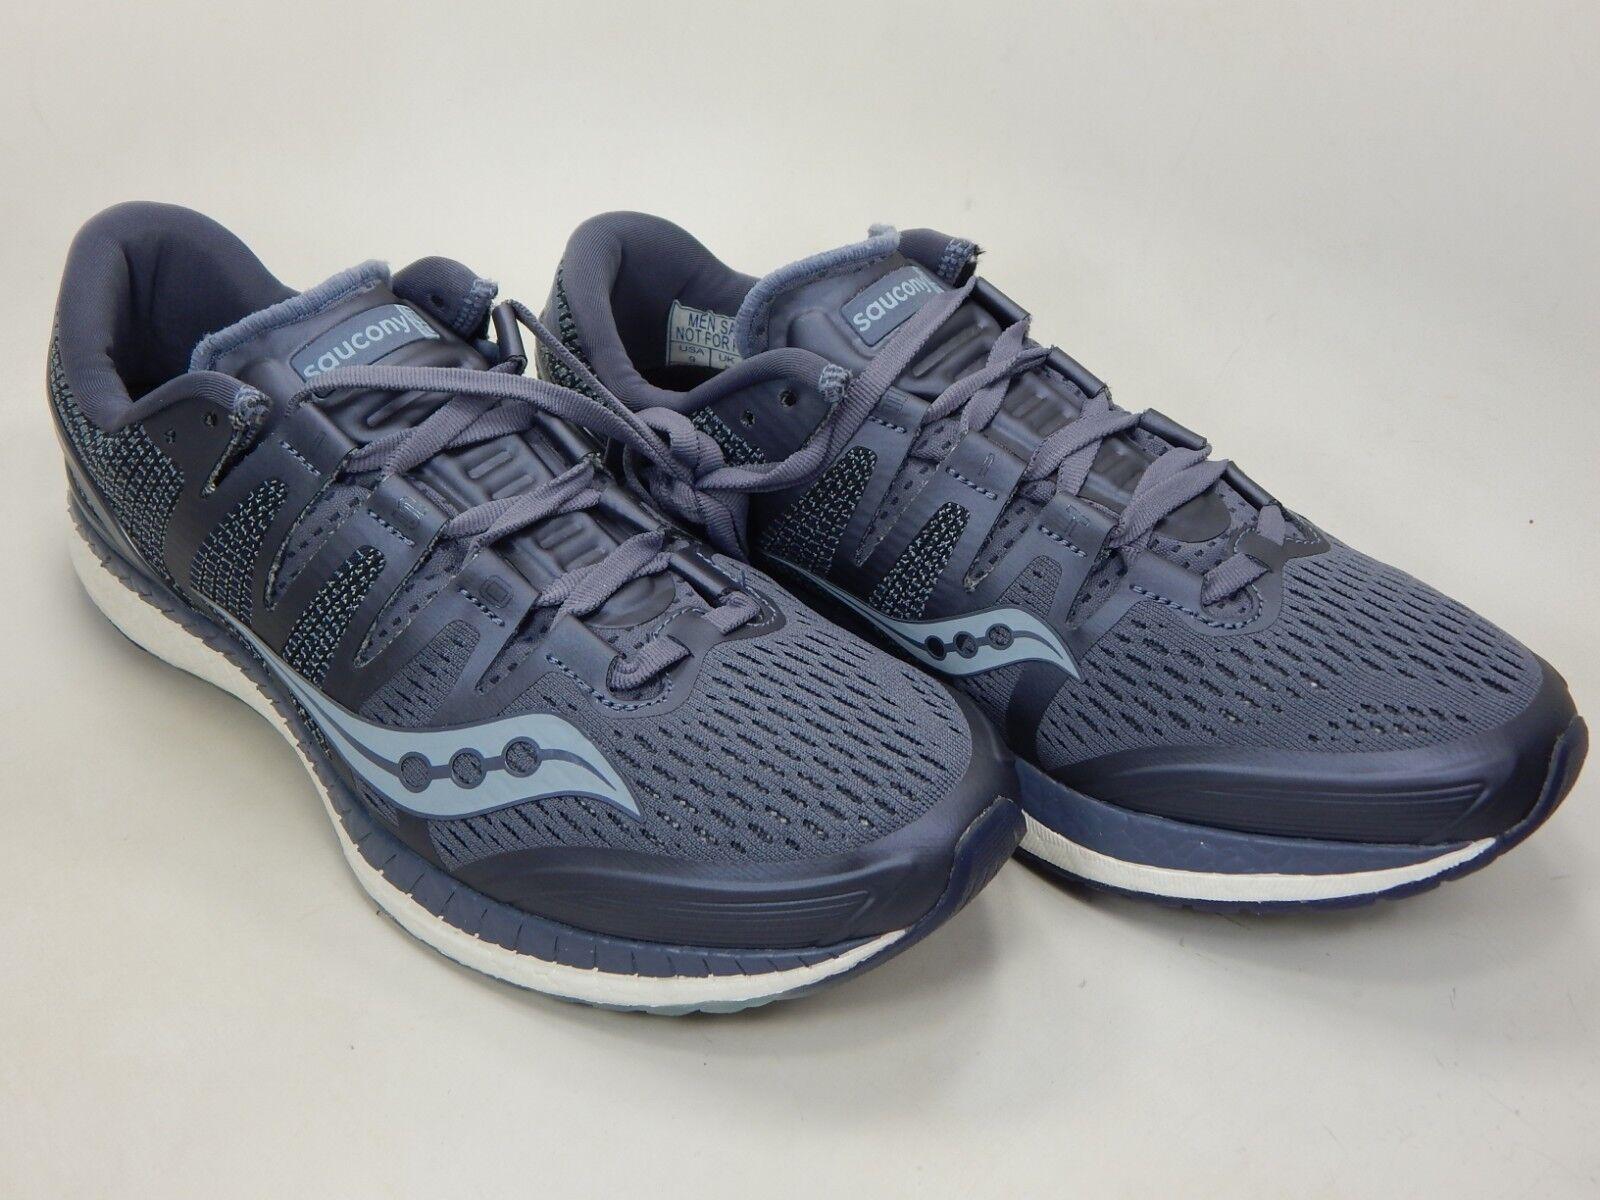 ec3b8110fea Saucony Liberty ISO Size 9 M (D) (D) (D) Men s Running Shoes Grey ...